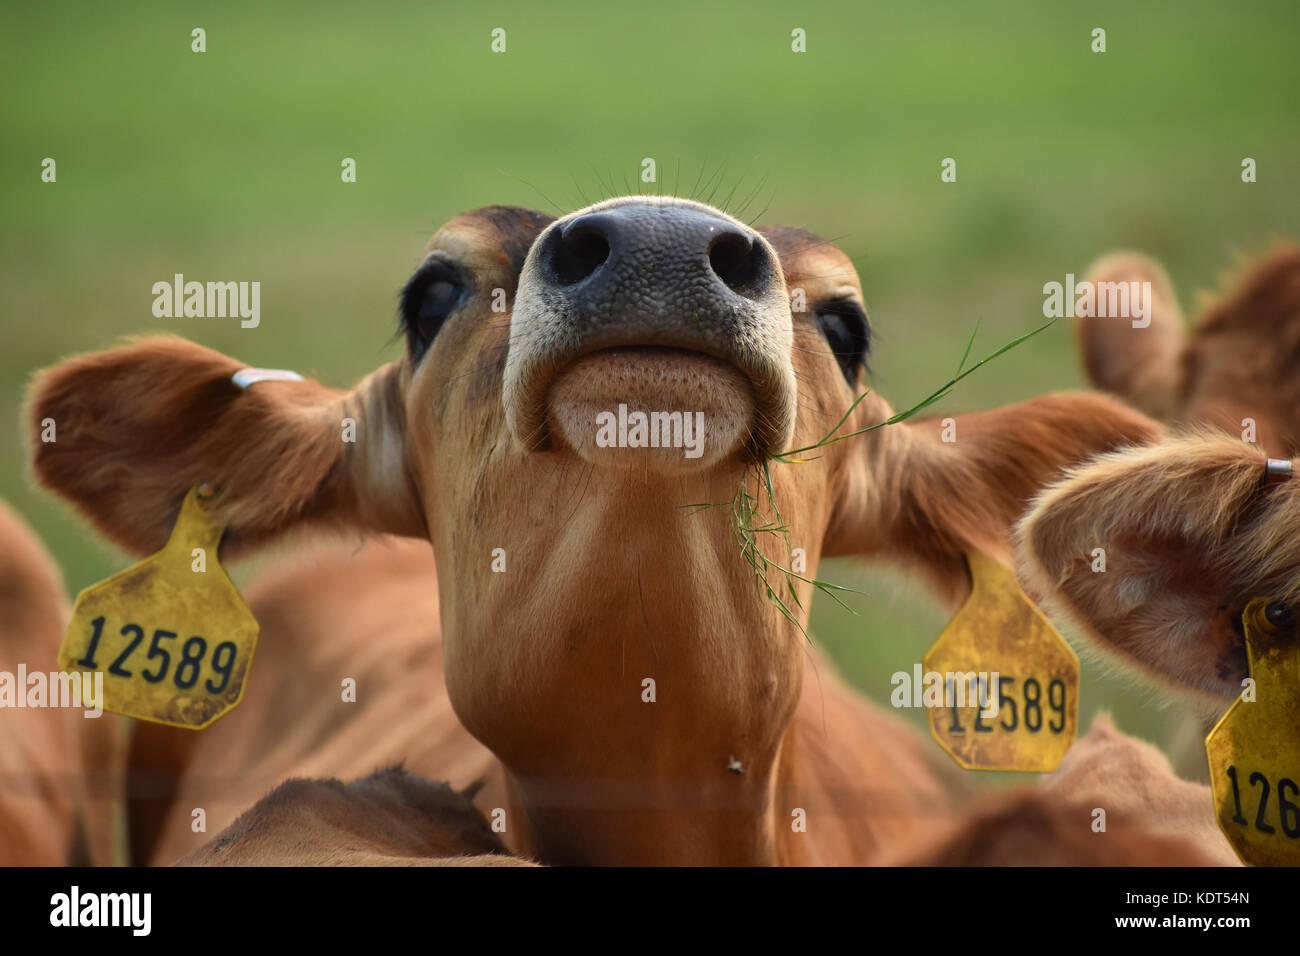 Vaca con su cabeza en el aire mientras comen hierba usando etiquetas de identificación Imagen De Stock